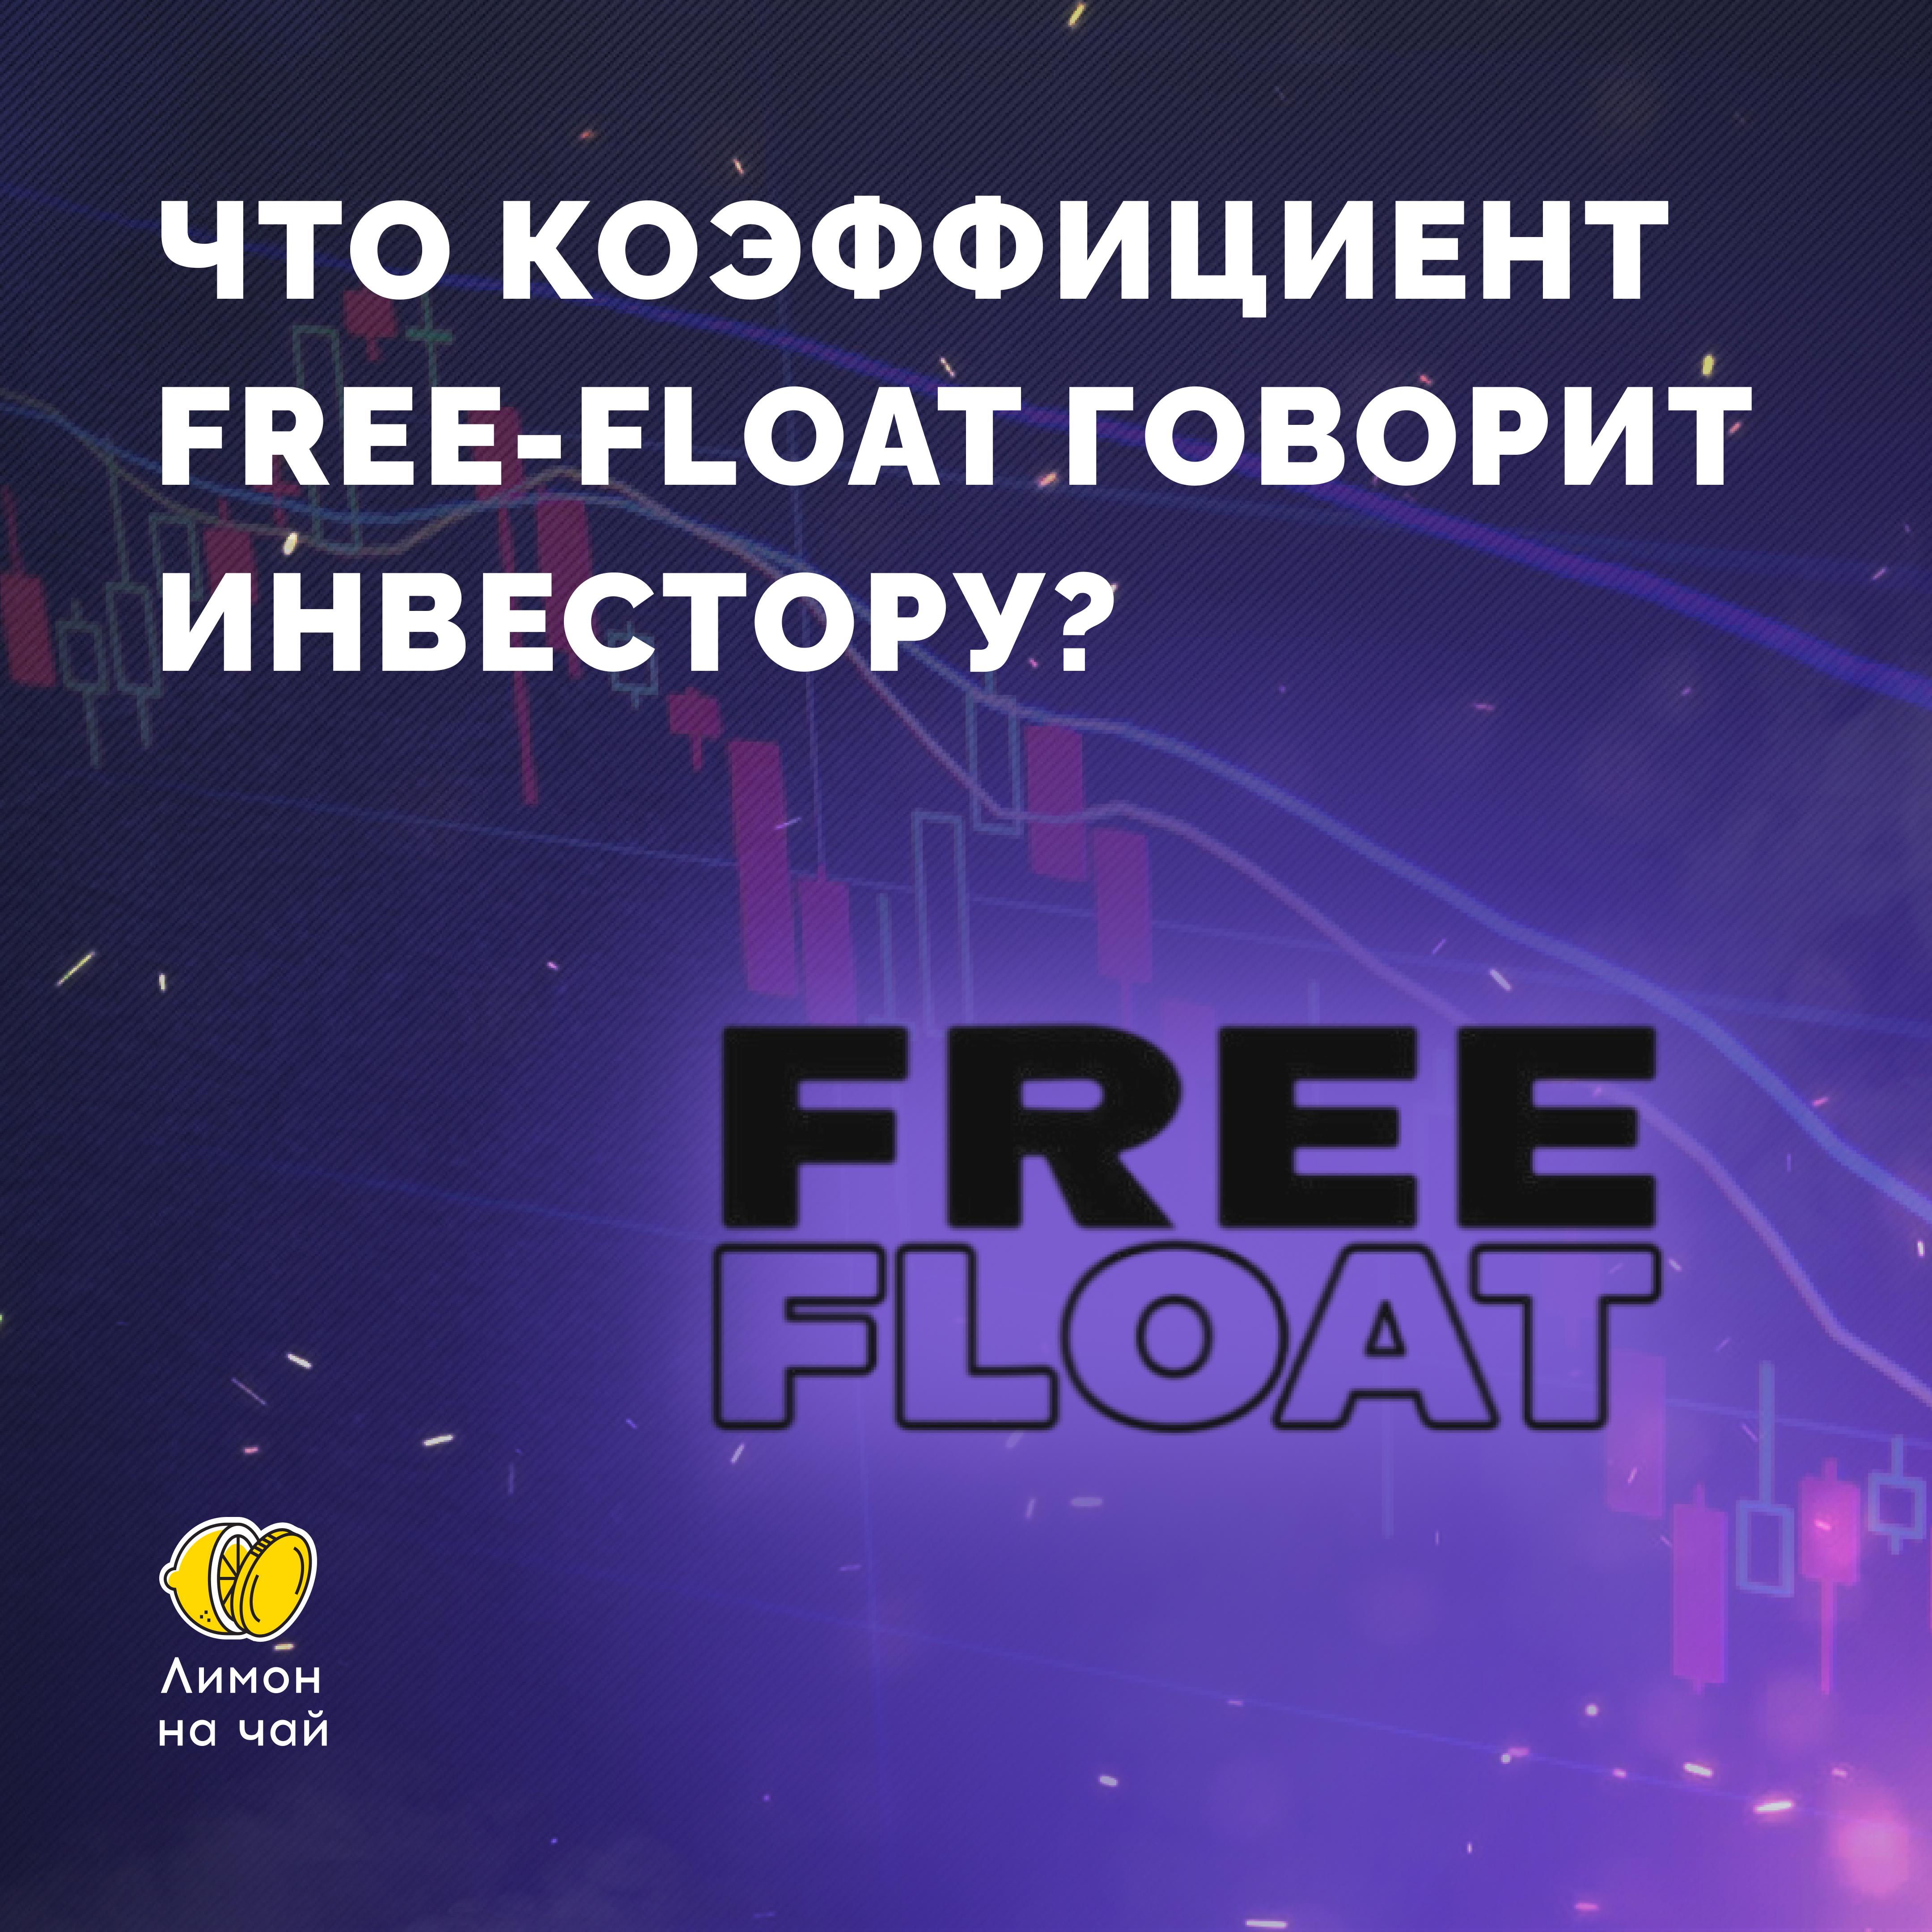 Нашли перспективную компанию? Перед покупкой проверьте её free-float